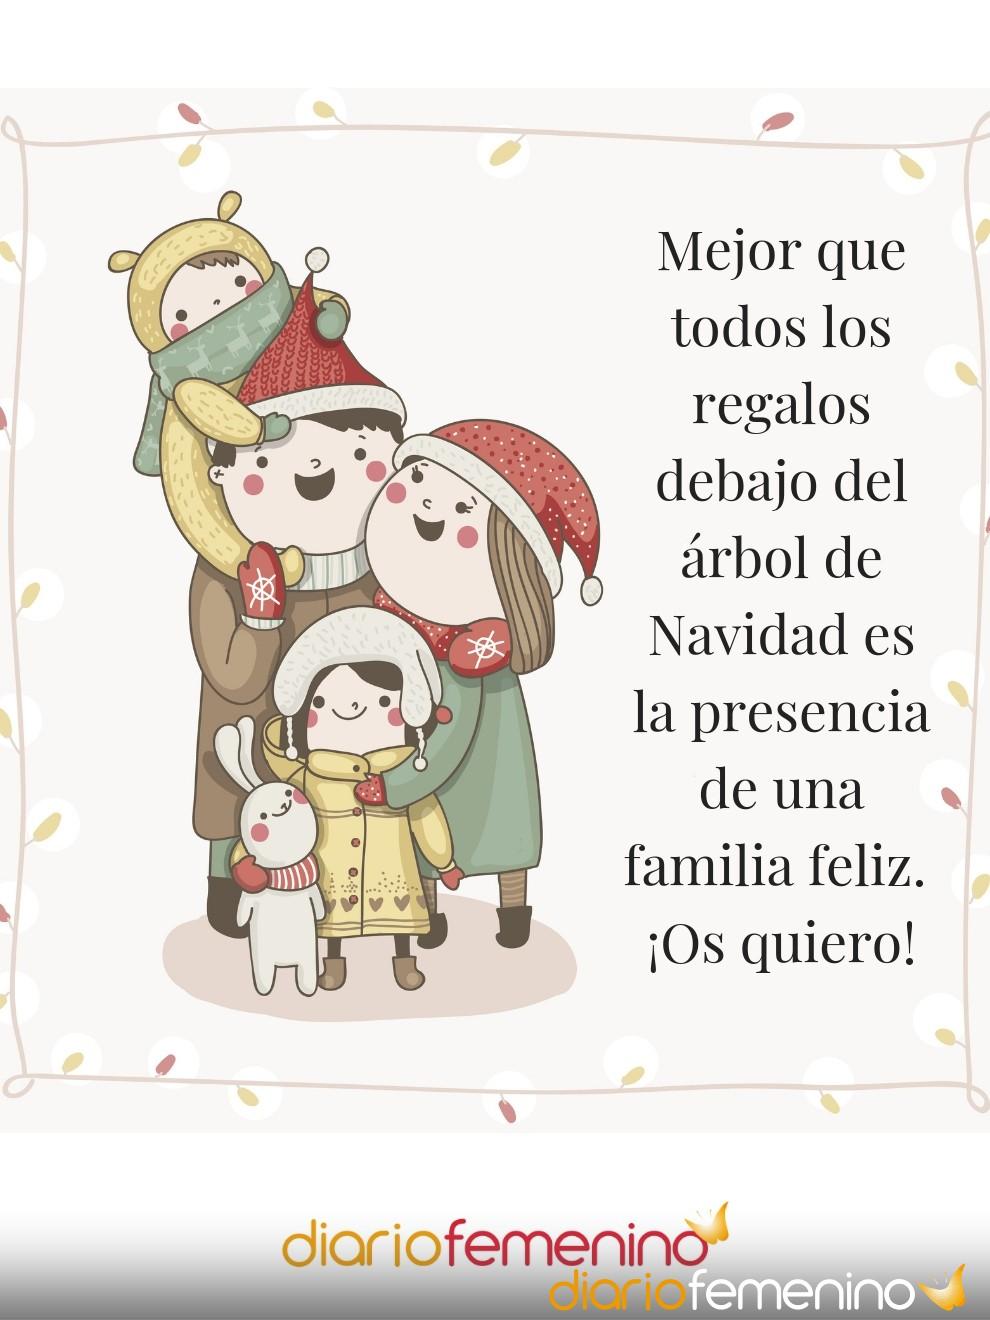 Tarjeta navideña para hacer llorar de emoción a tu familia